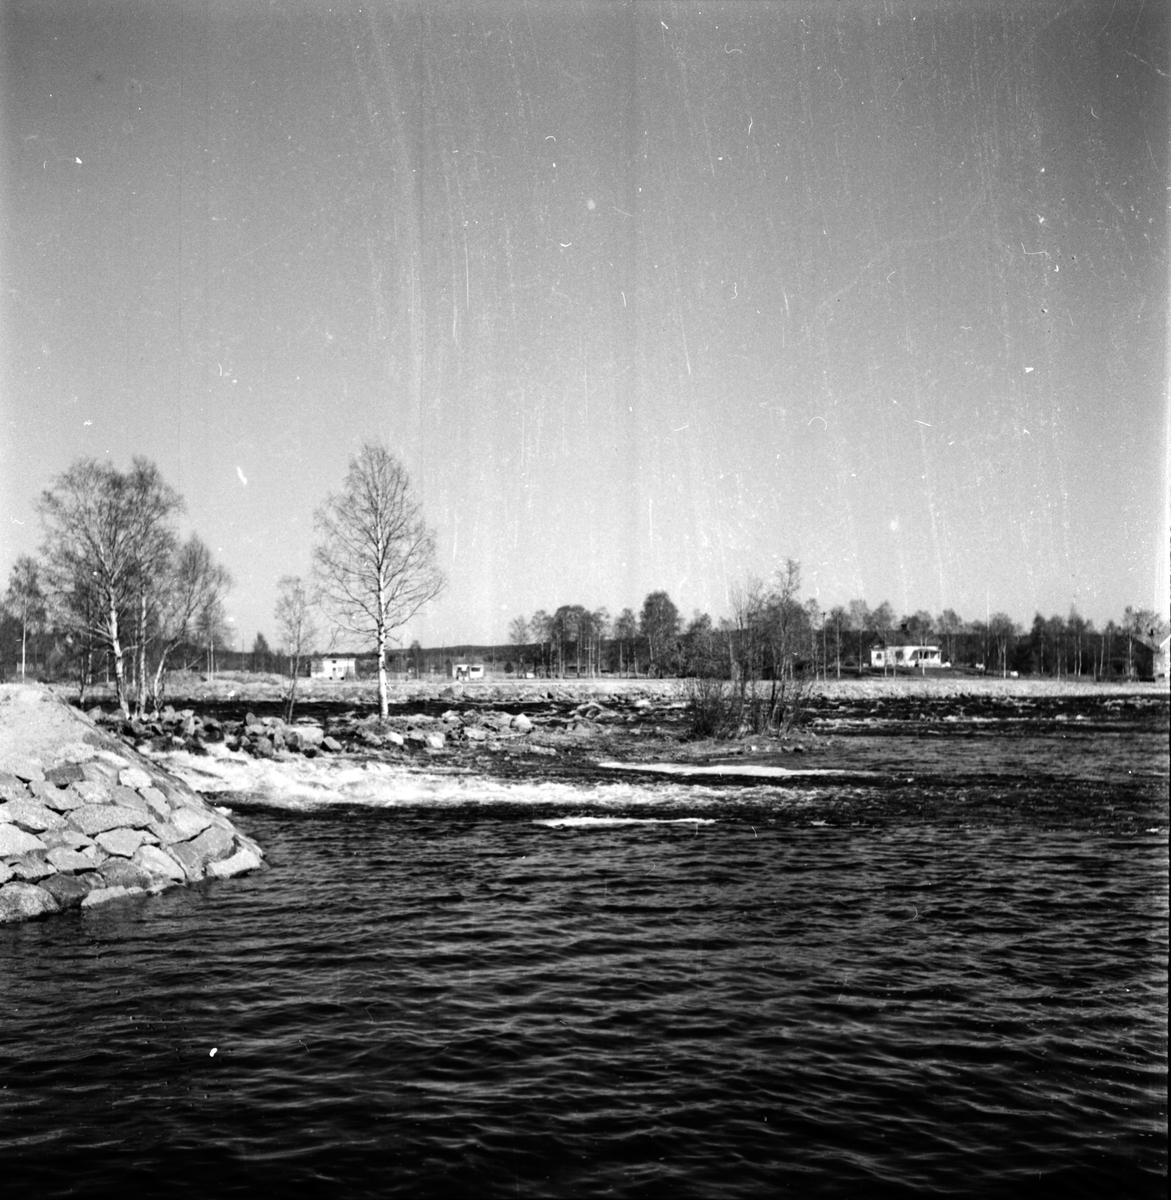 Badplats, Karlslund, Bollnäs